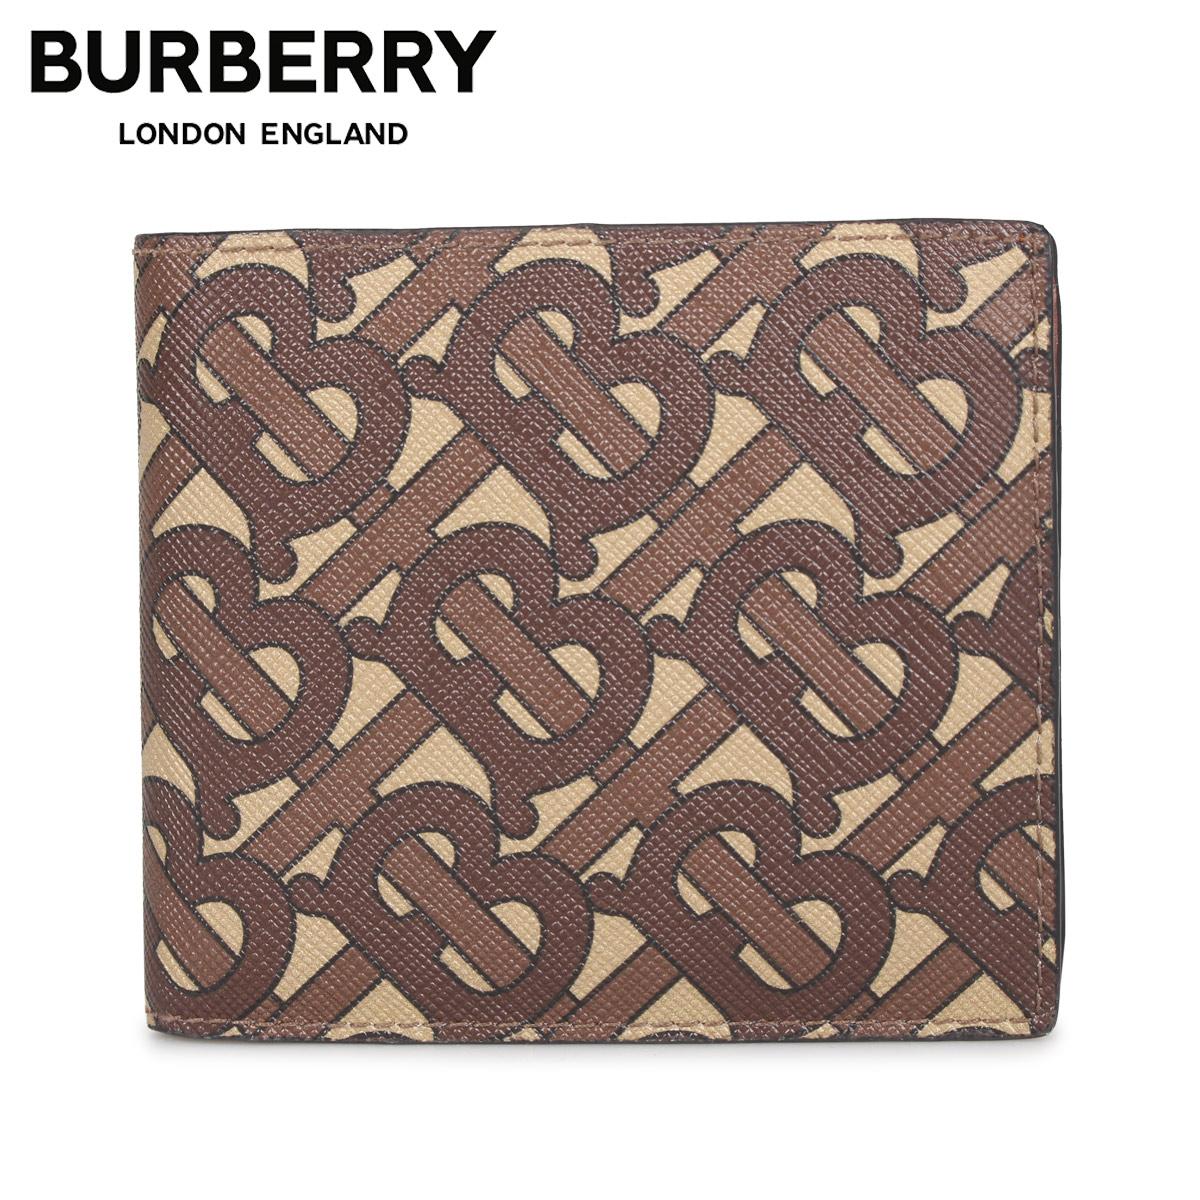 BURBERRY バーバリー 財布 二つ折り メンズ CC BILL COIN ブラウン 8022913 [3/4 新入荷]